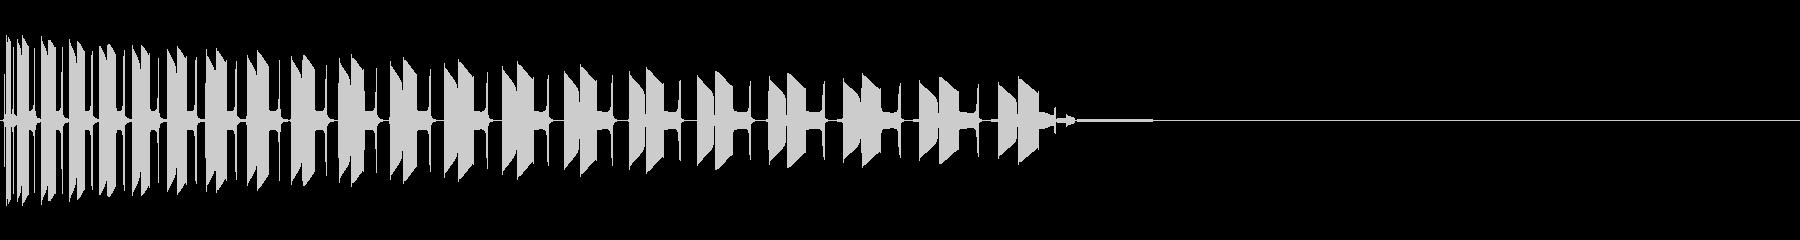 ドゥーンの未再生の波形